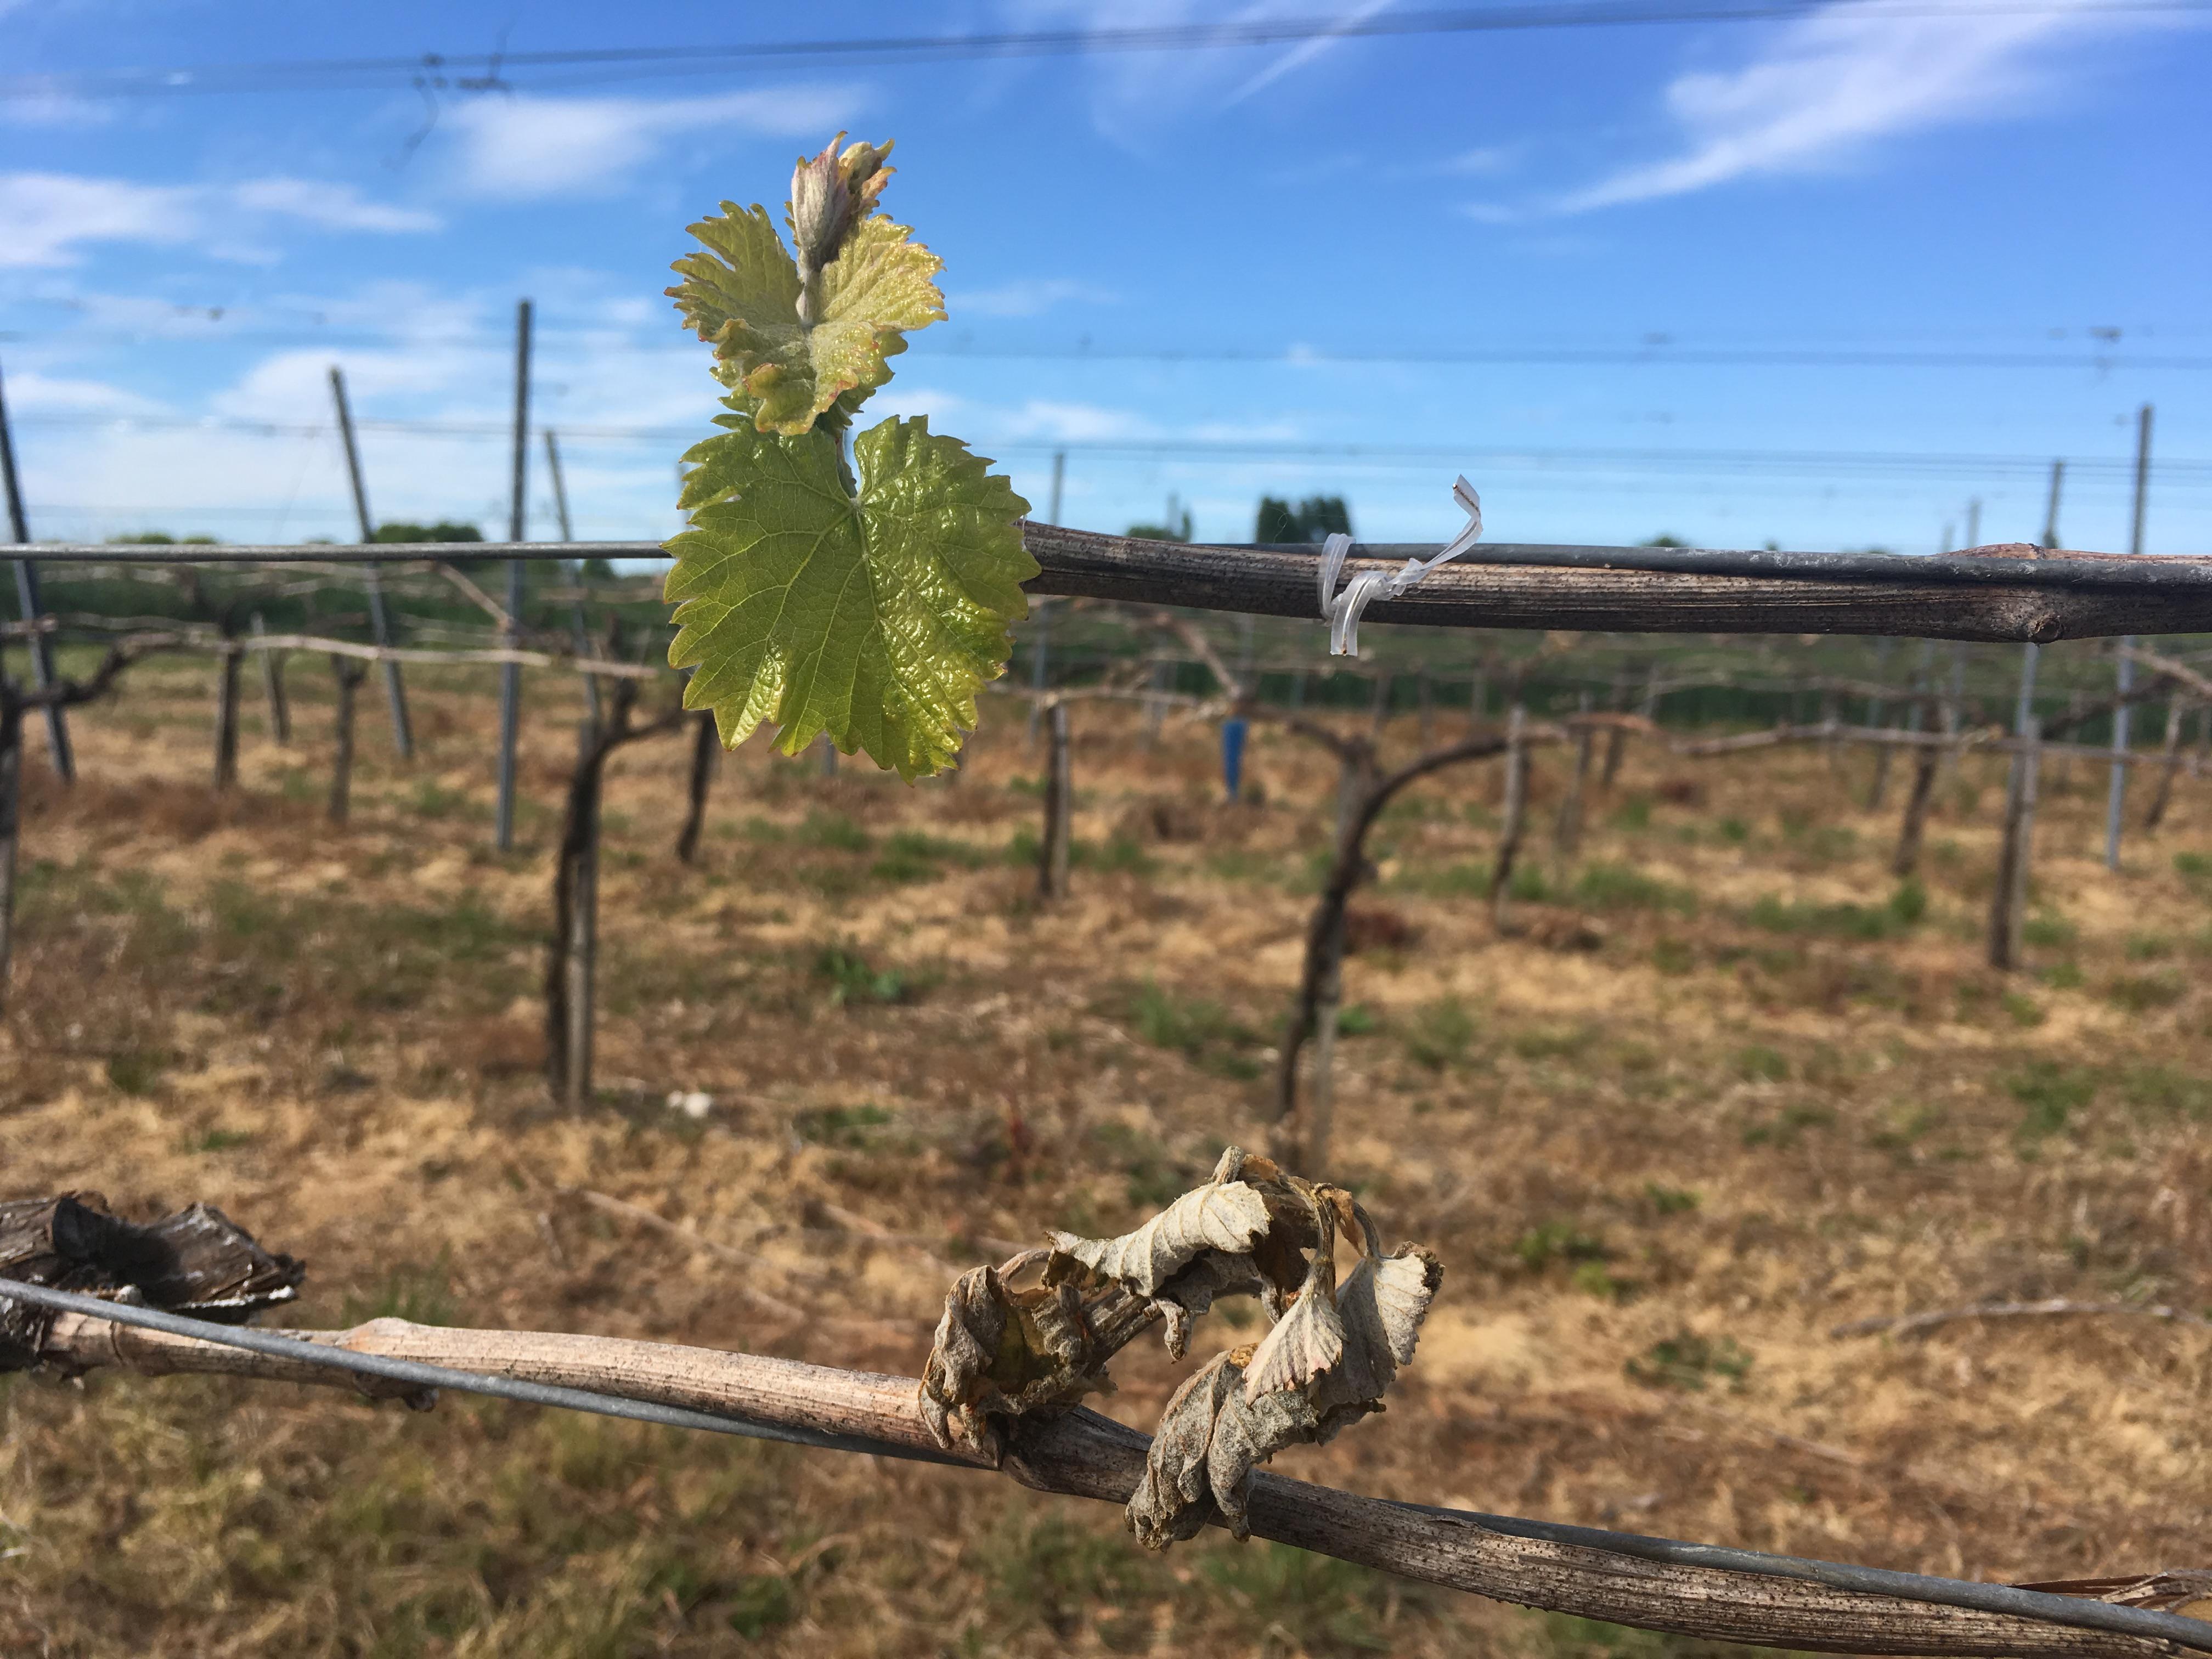 Comment relancer des vignes apr s un stress comme le gel ou la gr le mon viti - Comment planter un pied de vigne video ...